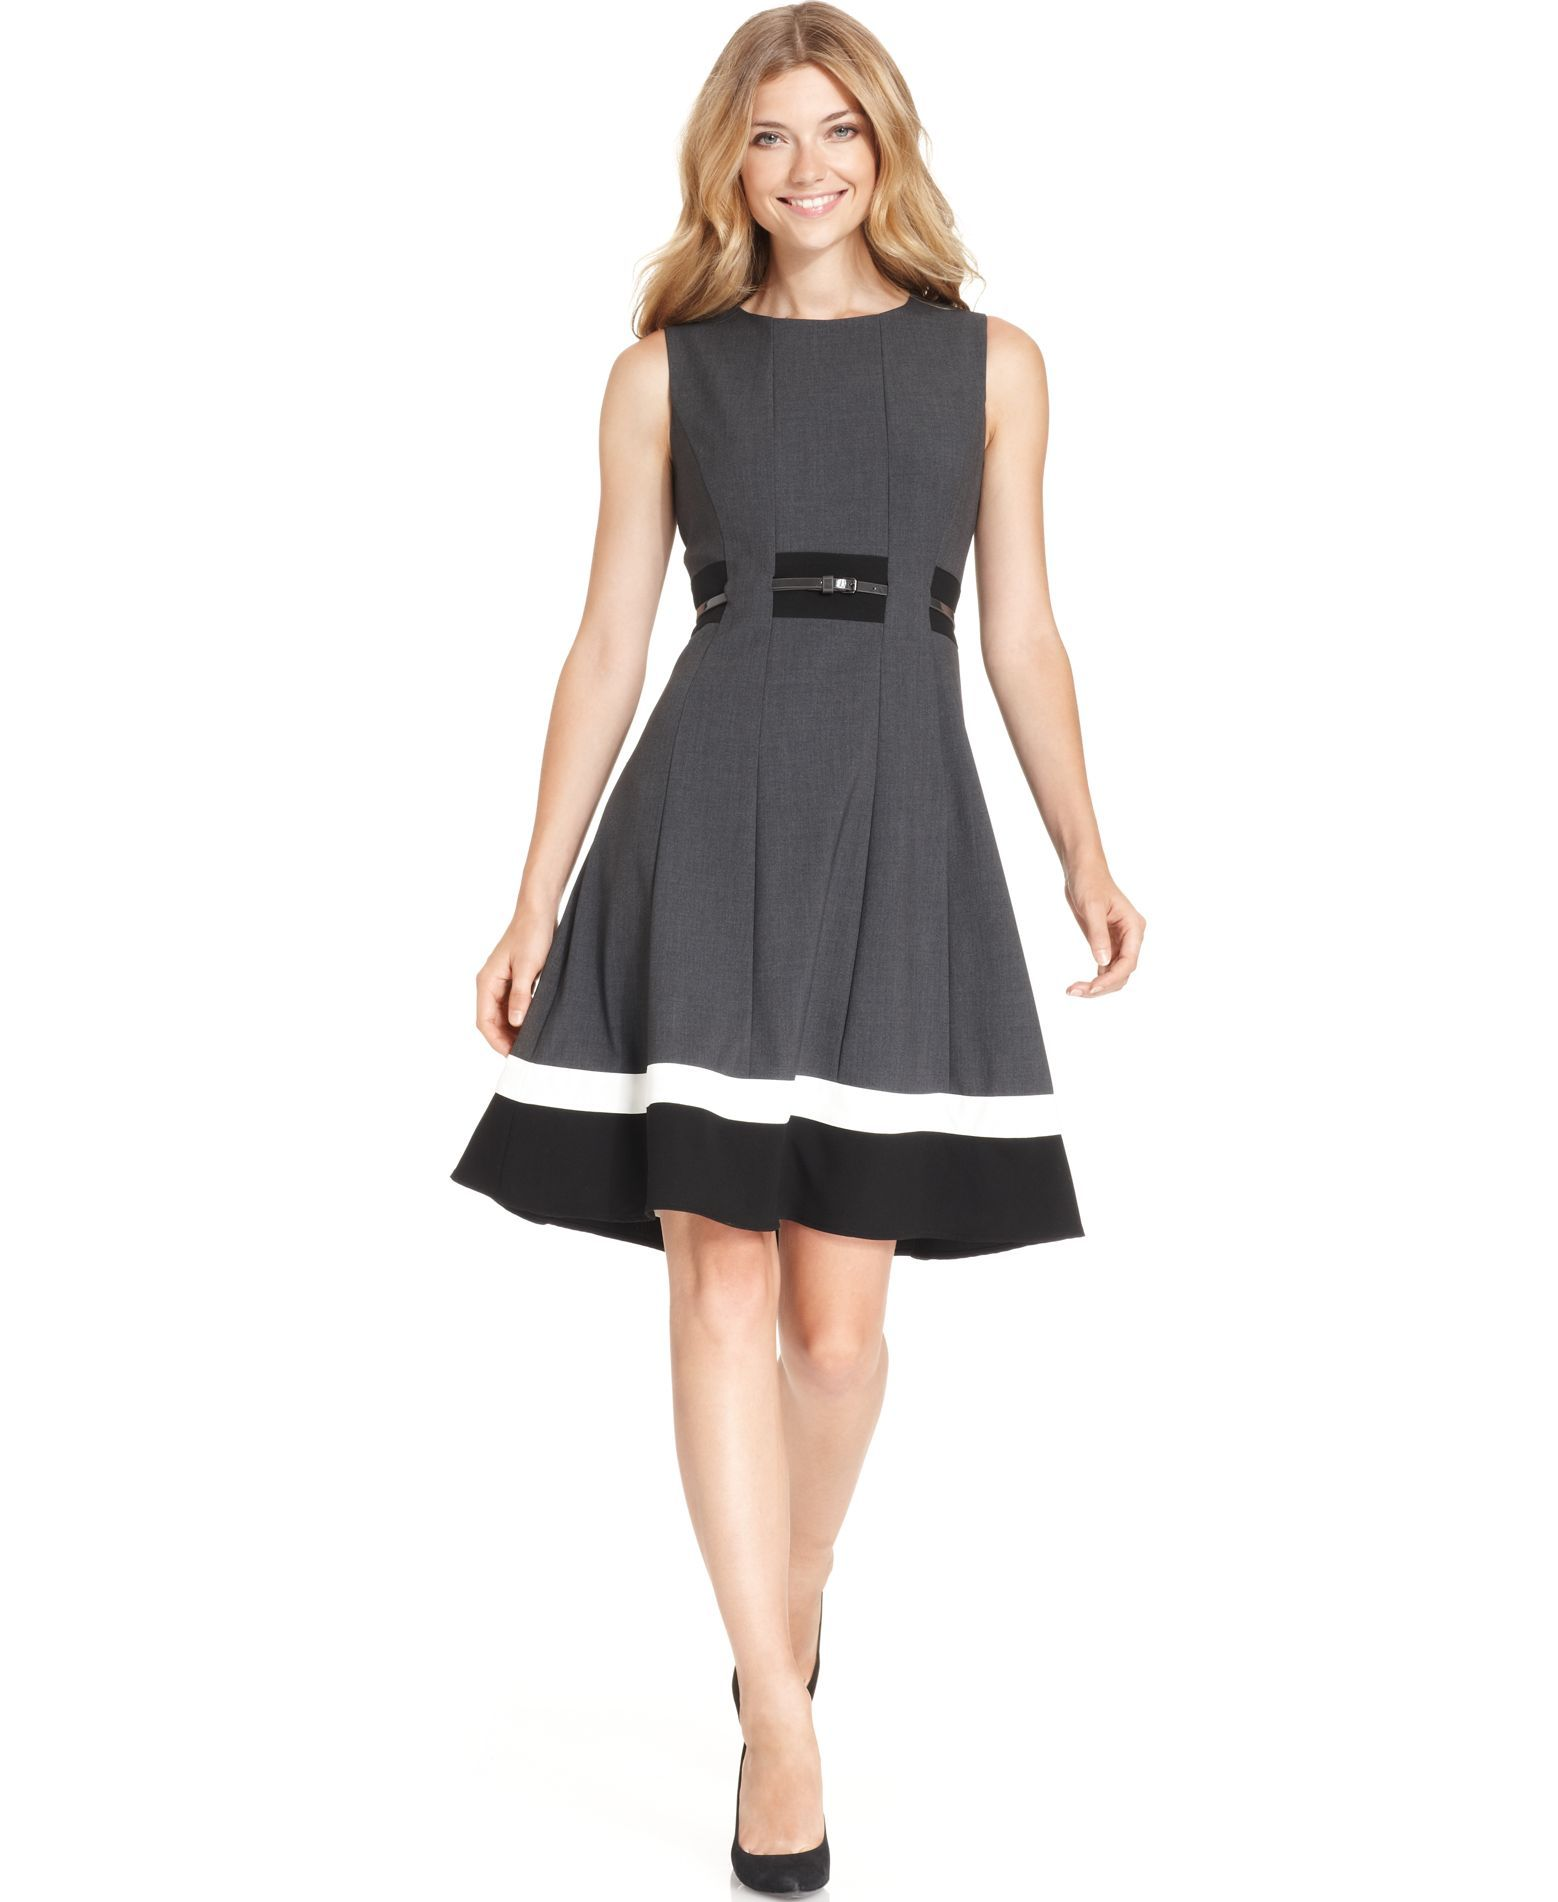 a428475e0663 Calvin Klein Dress